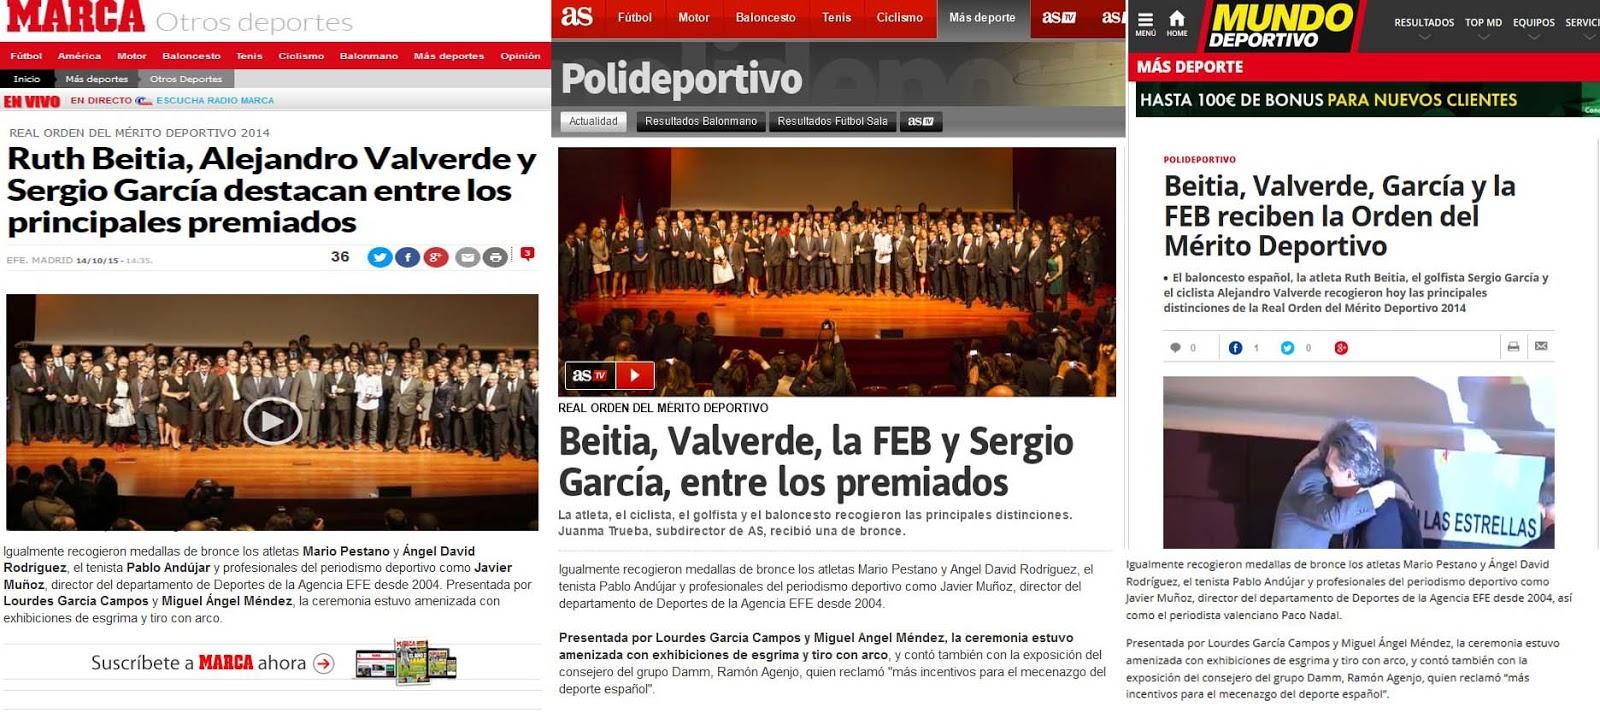 Resumen de la prensa nacional deportiva de los Premios de la Real Orden del Mérito Deportivo. /TRAILCYL